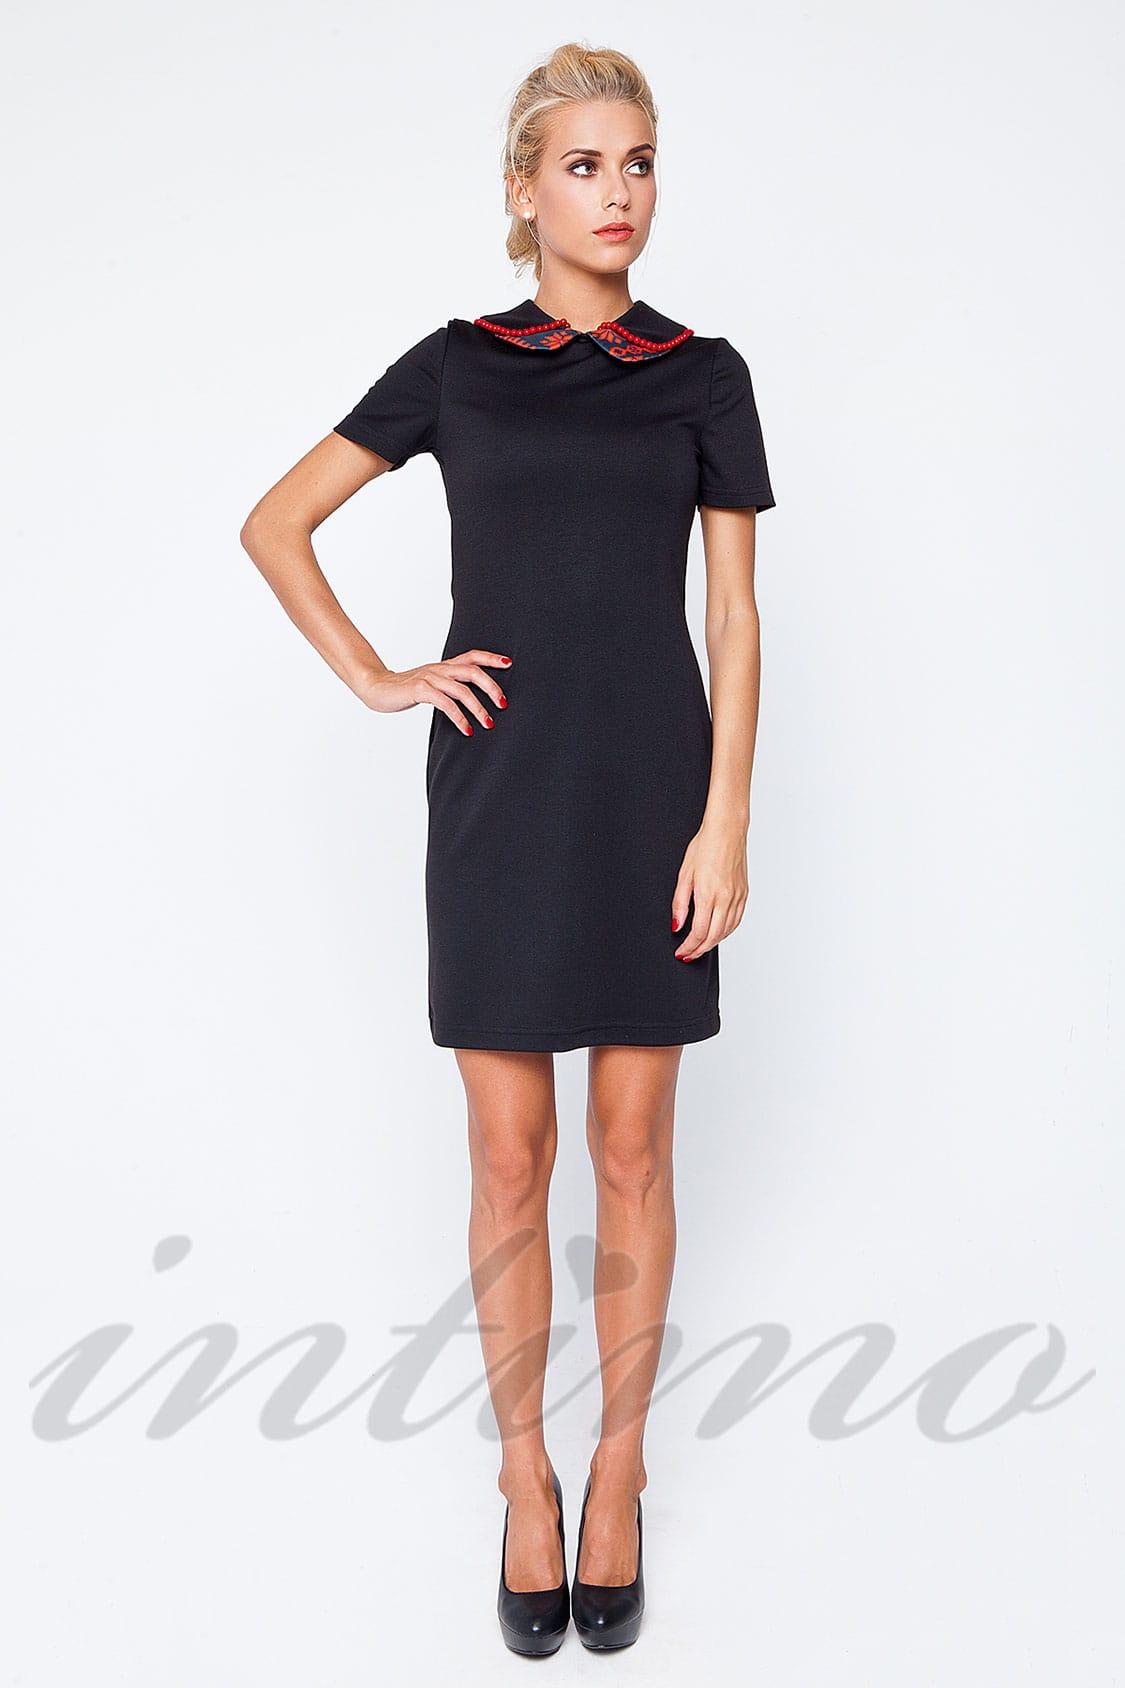 Купить женскую одежду из вискозы в интернет магазине